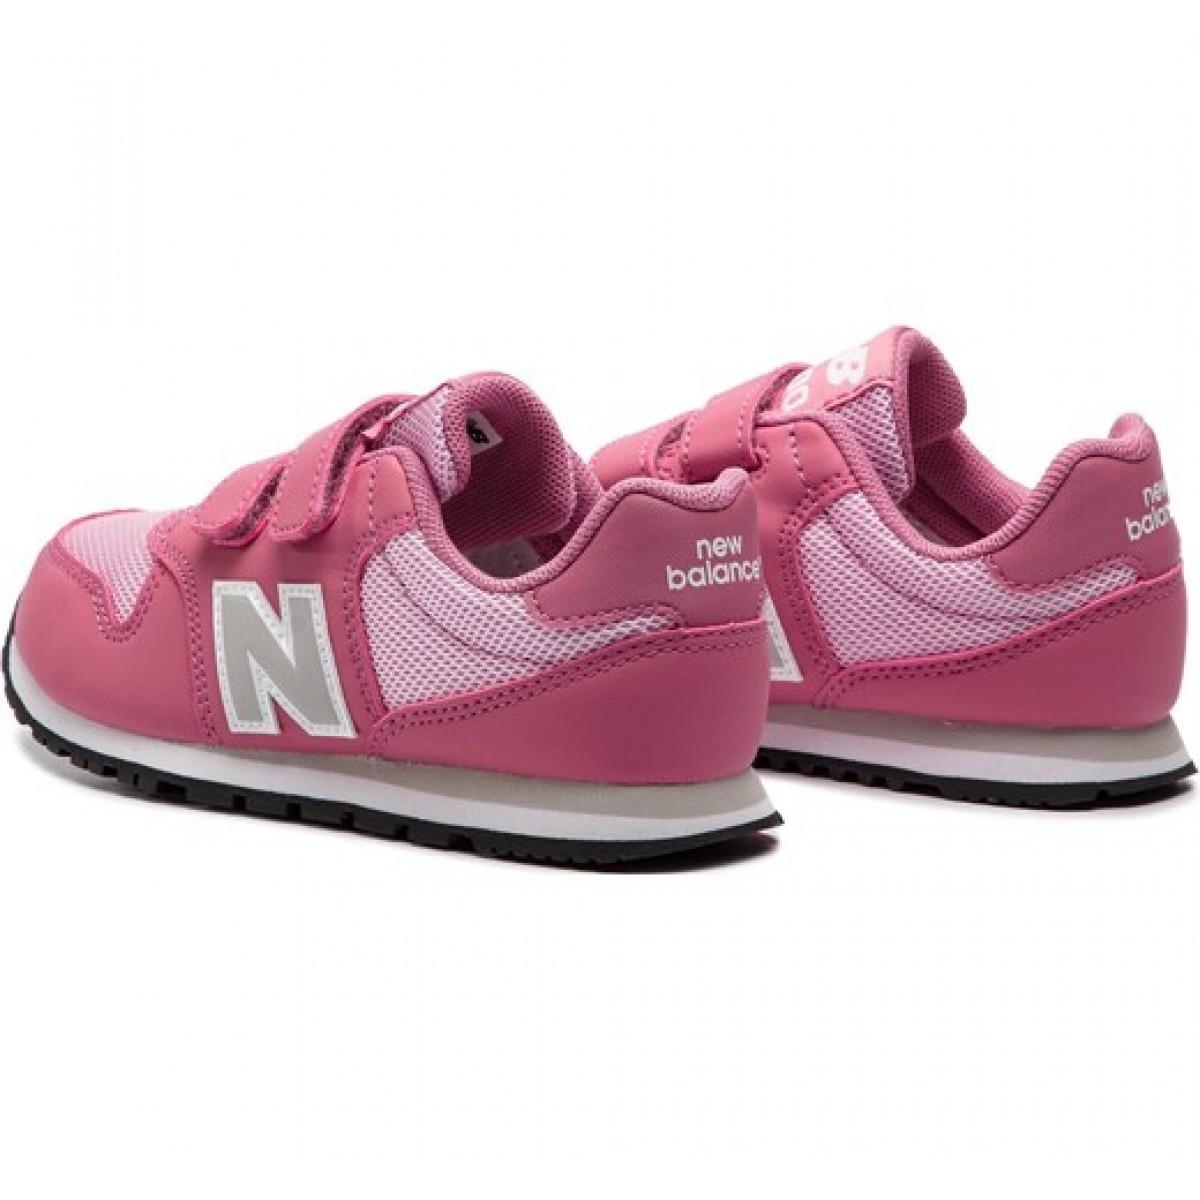 scarpe new balance tuscolana